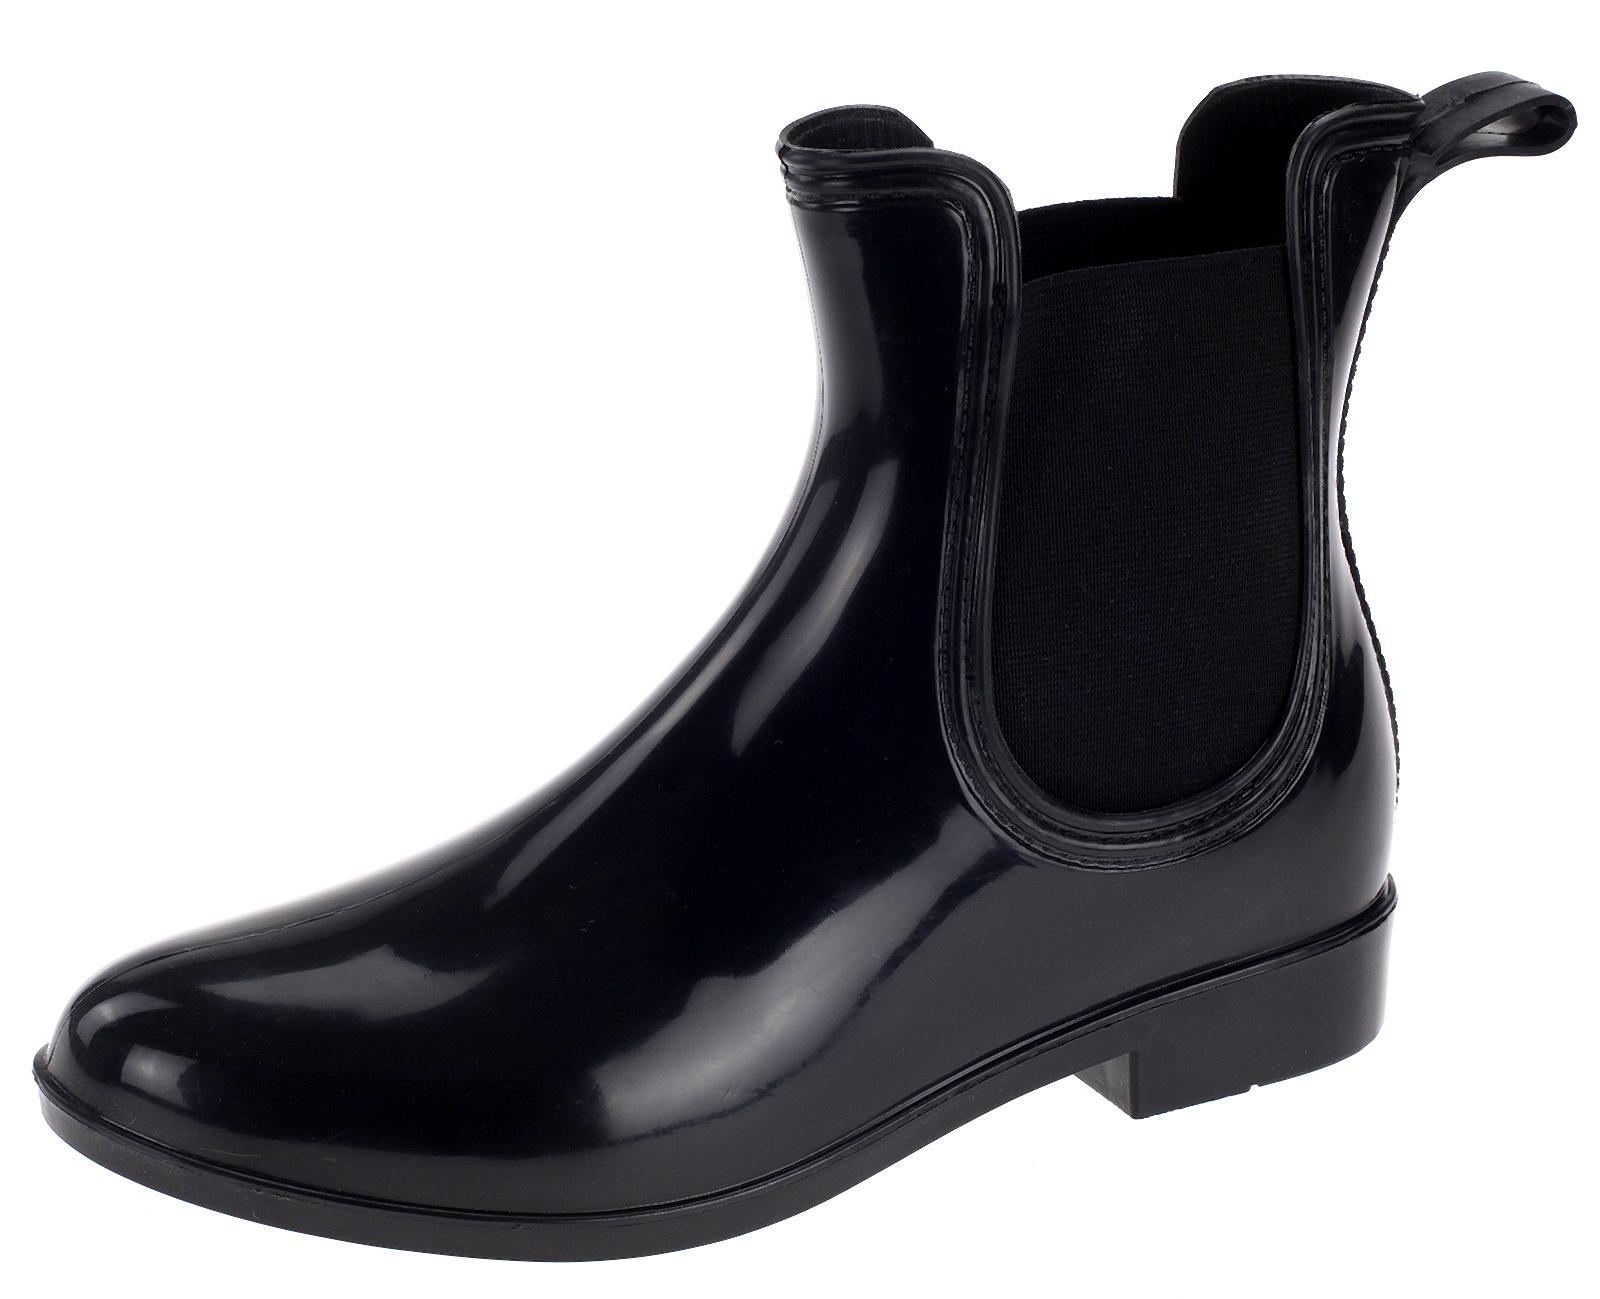 Damen Lack Stiefelette Gummistiefel Chelsea Jelly Boot Schuhe Regenstiefel HM83